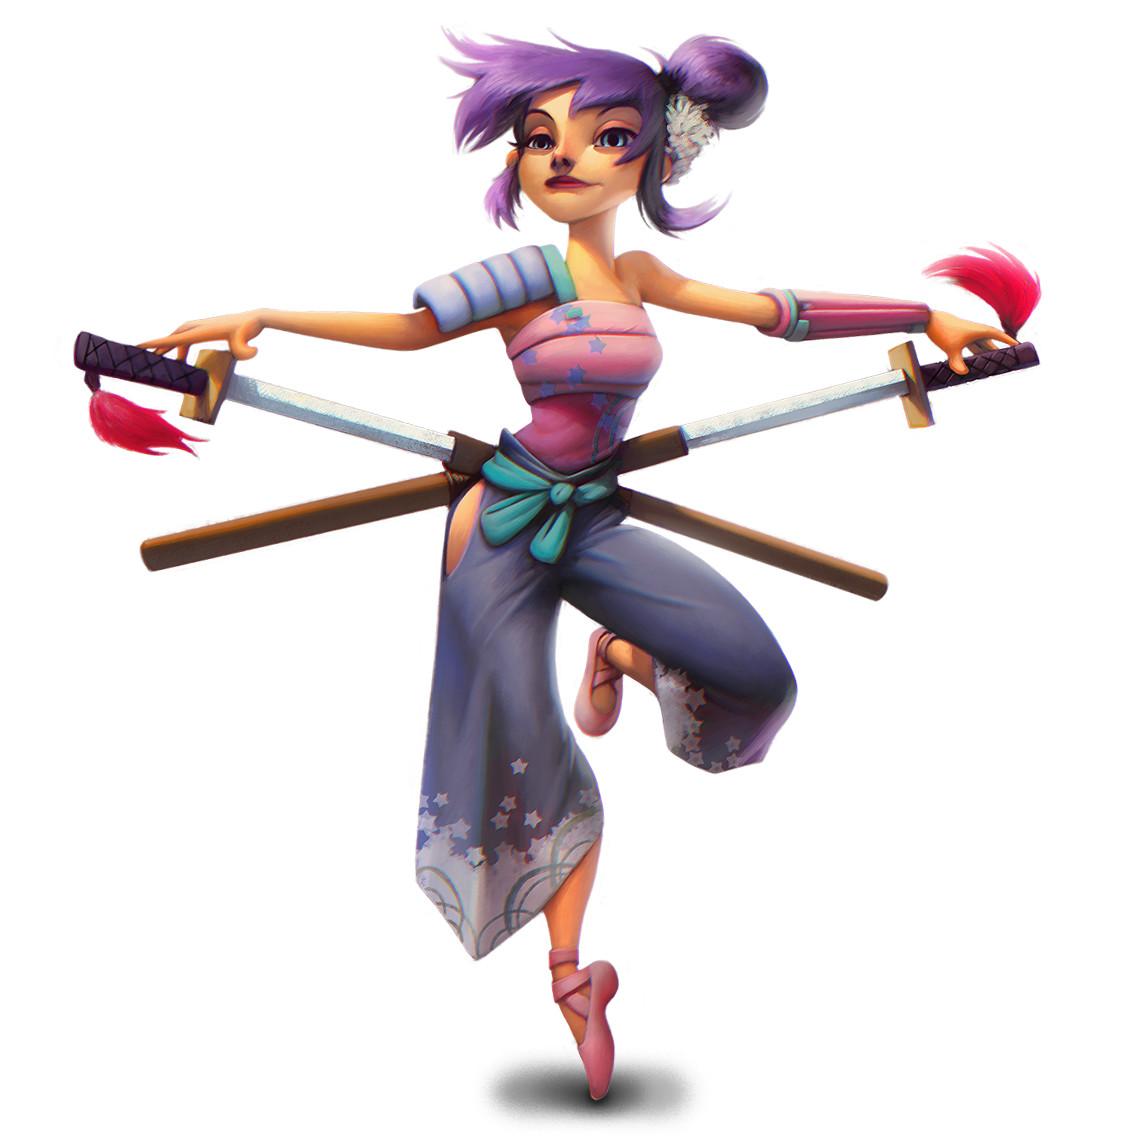 Husni qamhiyeh ballerina samurai by clonerh d4xhxr7